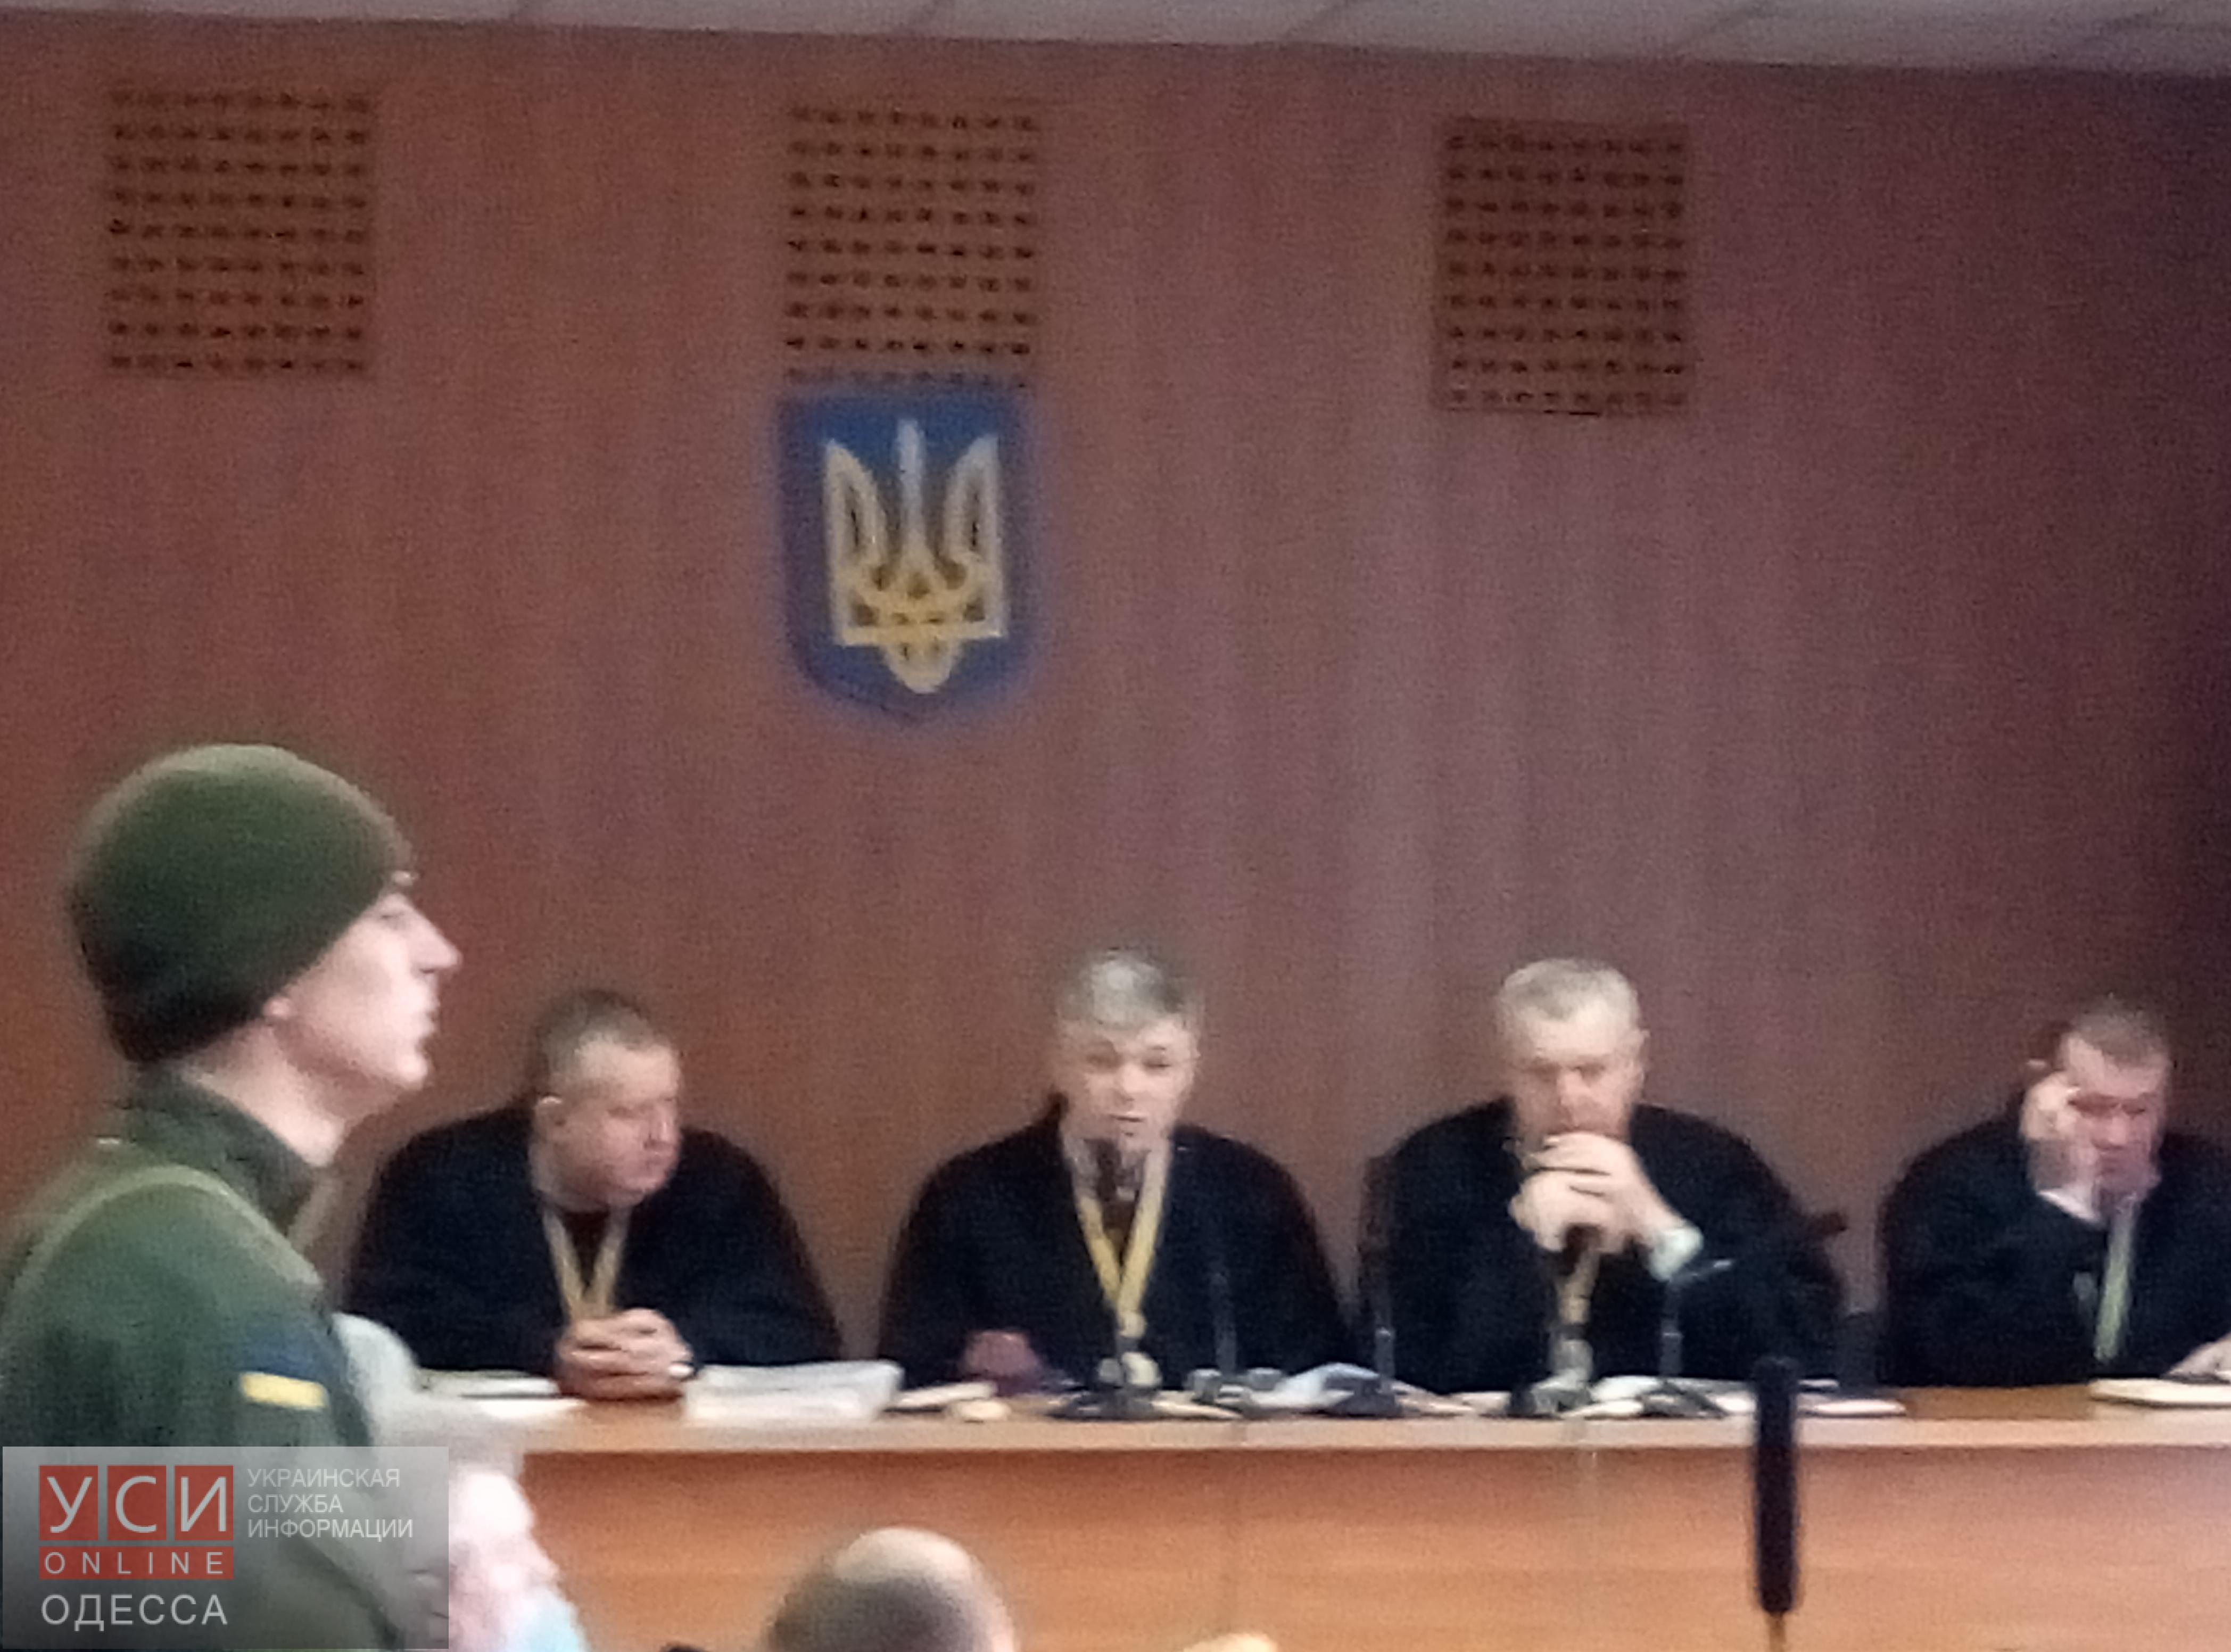 Заседание суда по делу 2 мая перенесли на завтра (фото)